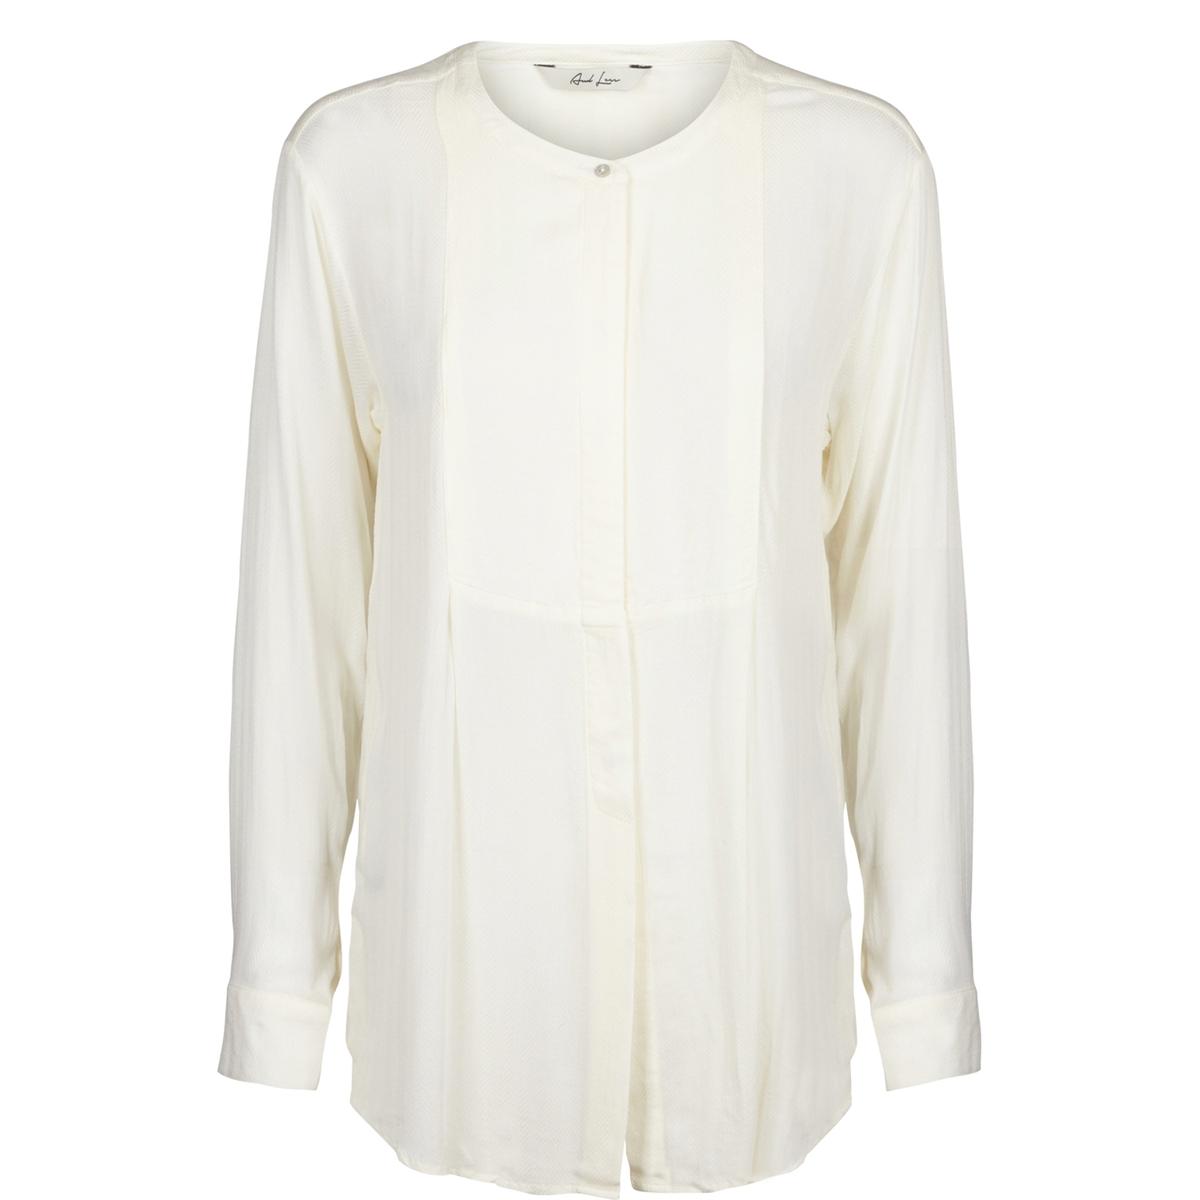 Рубашка с тунисским вырезом и длинными рукавамиСостав и описание : Материал : 100% вискозыМарка : And Less.      Закругленный низ. Супатная застежка на пуговицы.<br><br>Цвет: белый<br>Размер: 40 (FR) - 46 (RUS).38 (FR) - 44 (RUS)